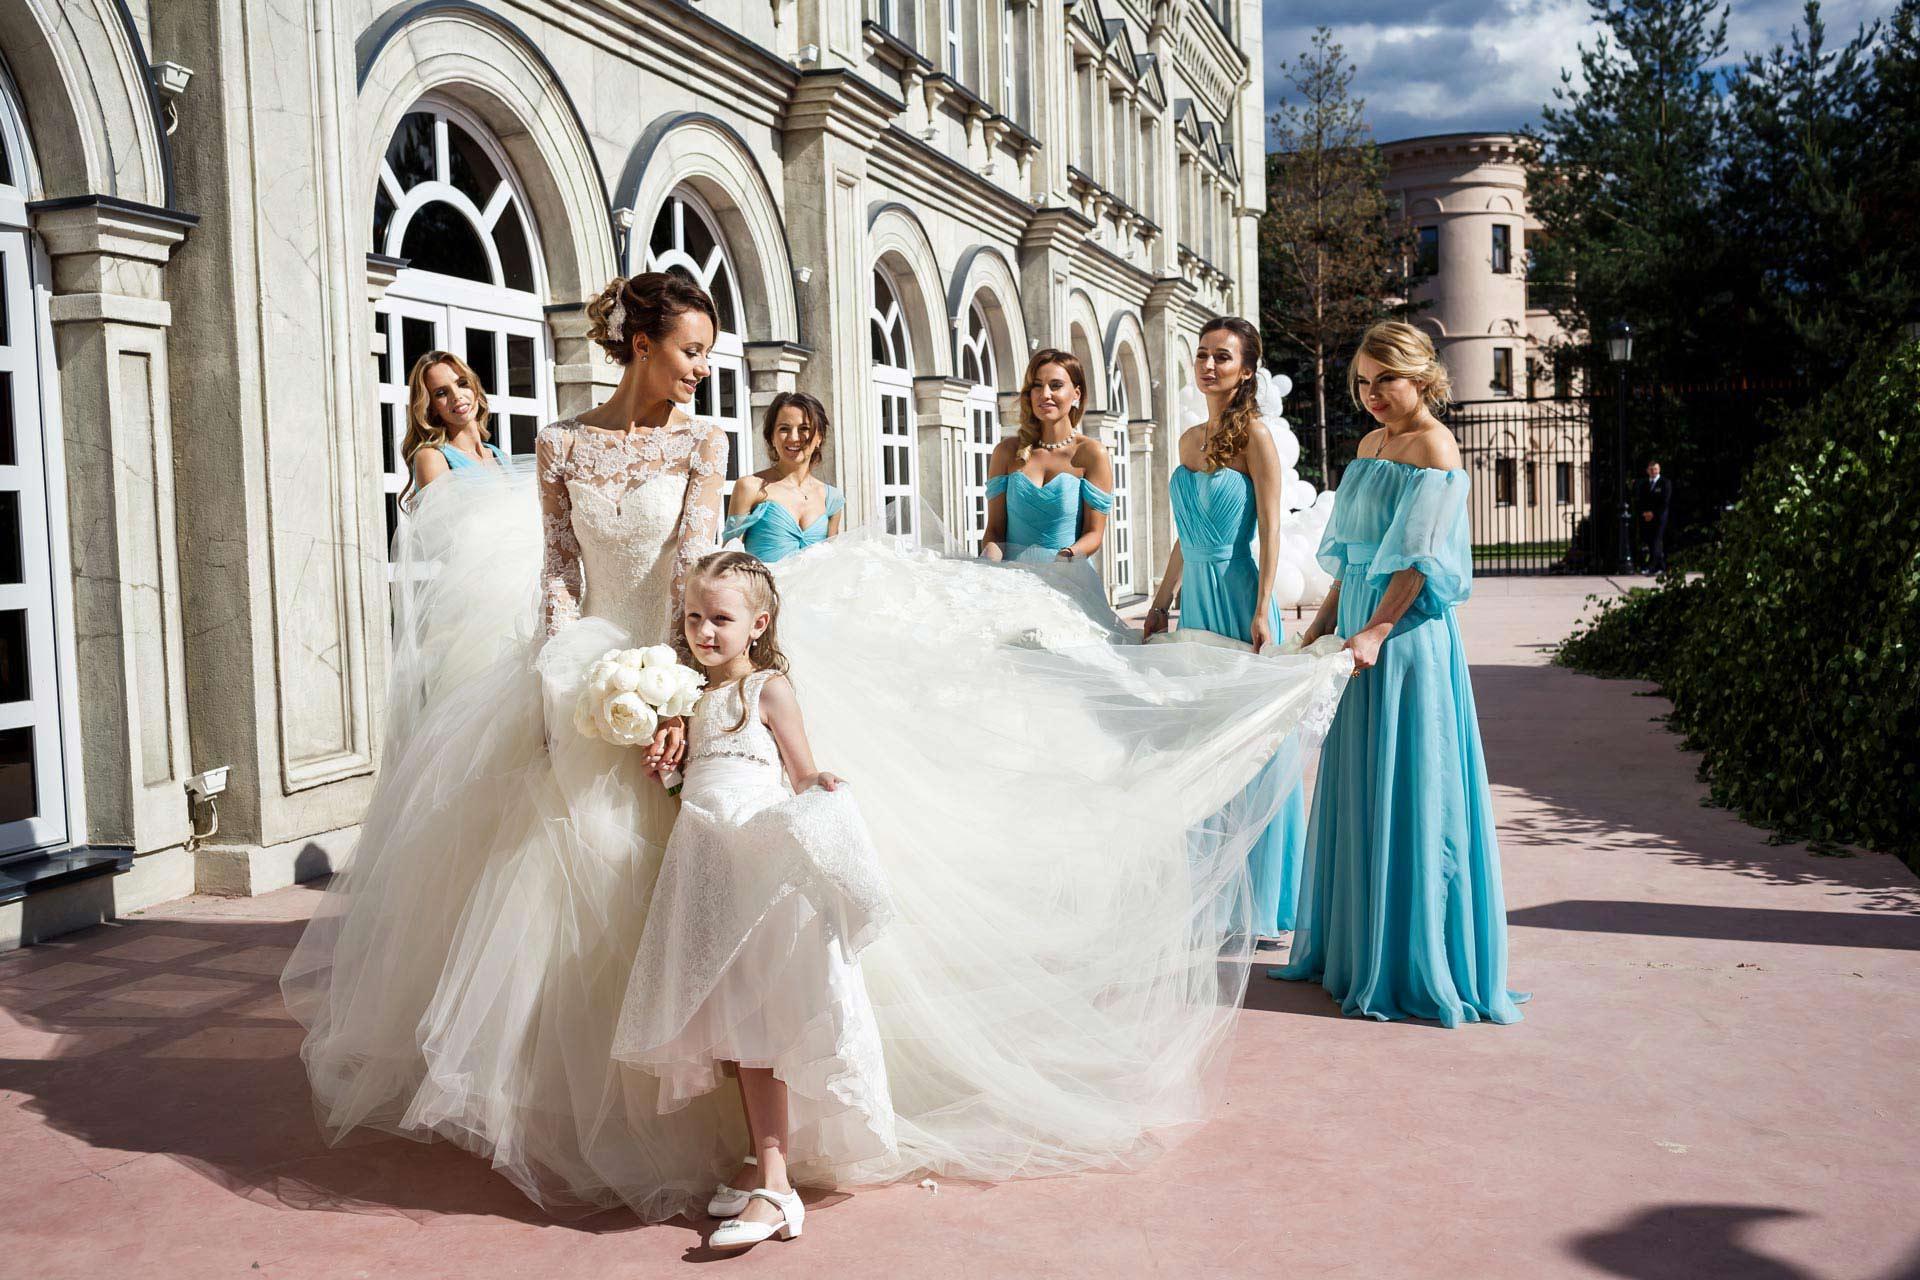 представленных здесь самое классная свадьба видео женщина лениво